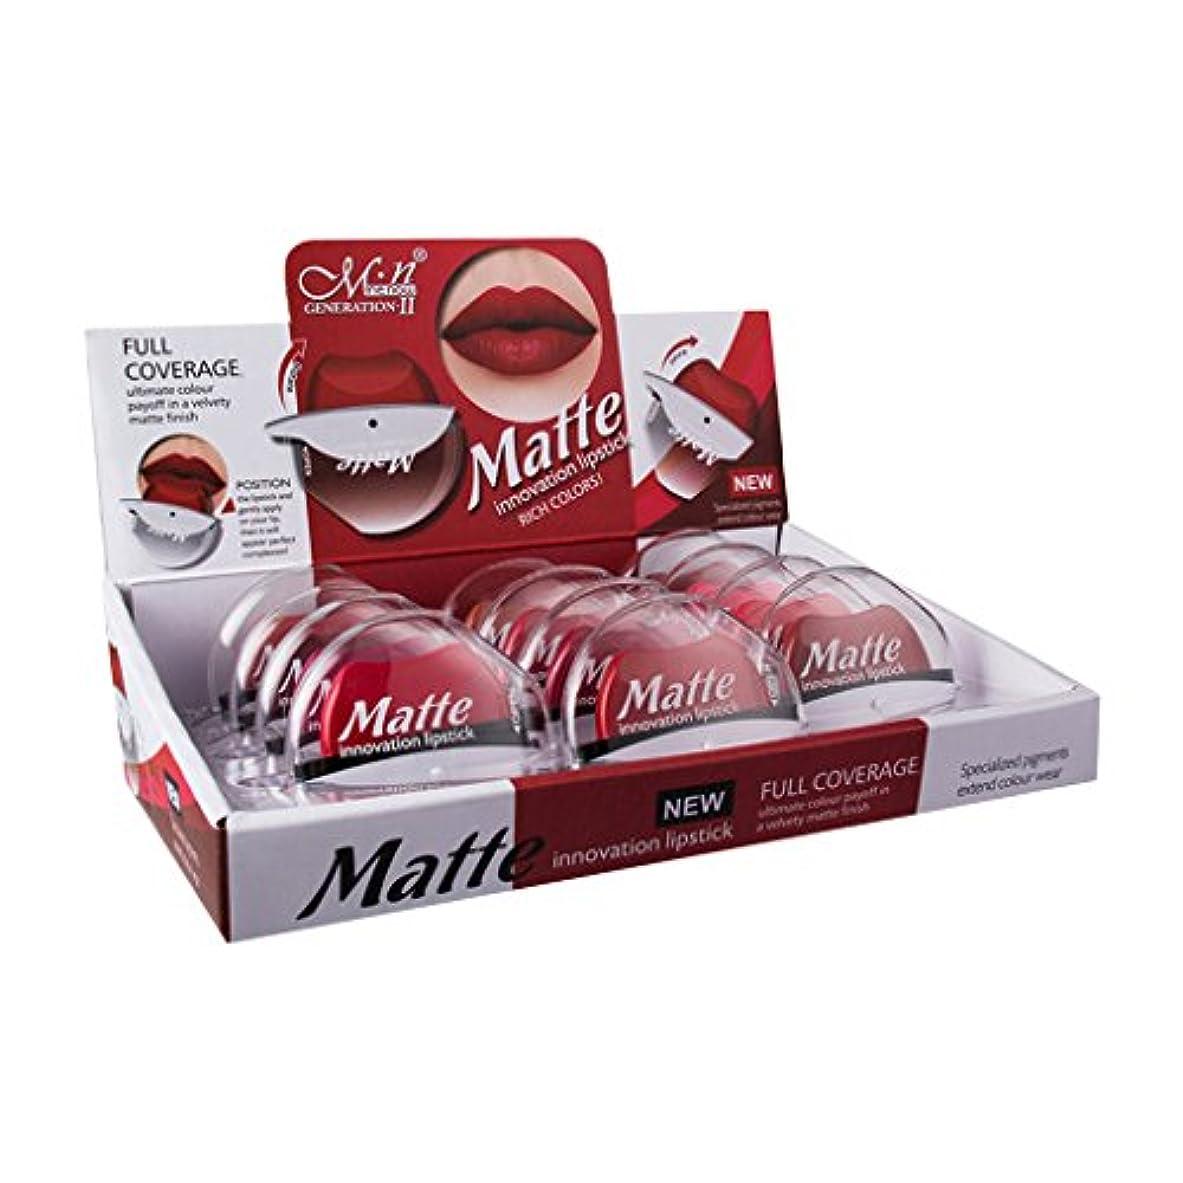 ハッチ八百屋ホストPerfk 約12個 口紅 リップクリーム リップグロス 超便利 防水 マット 大人気